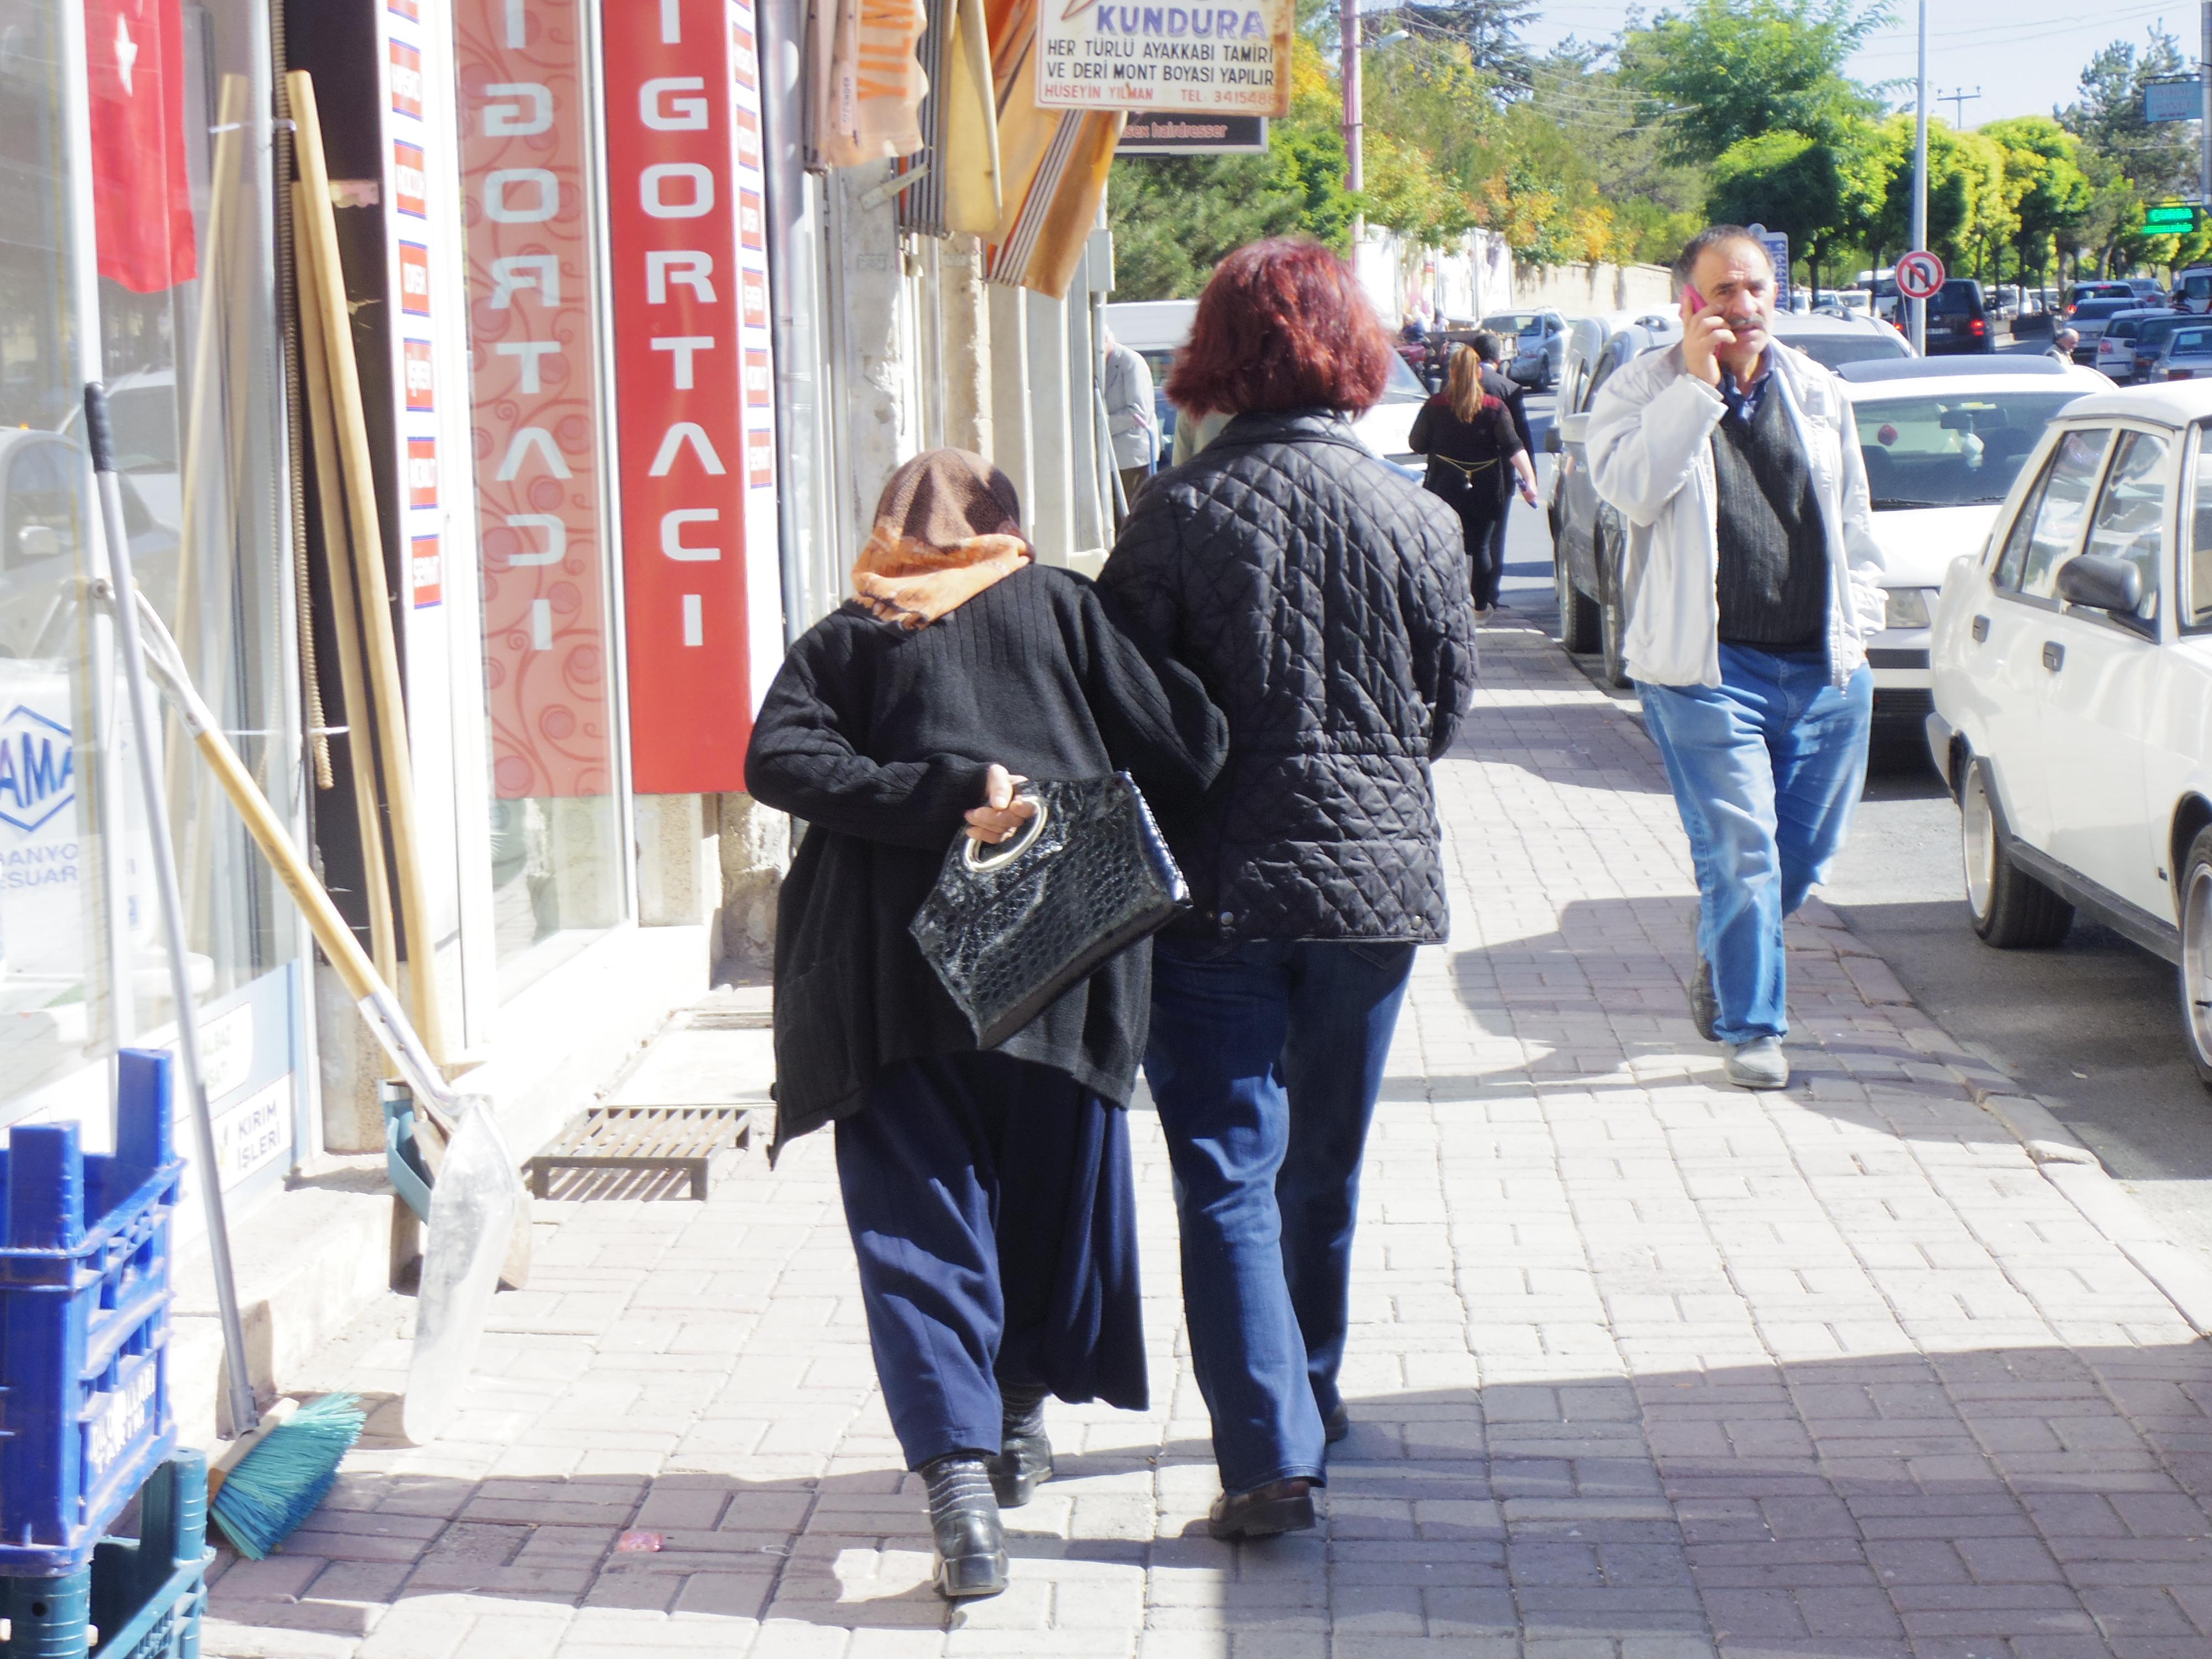 【行き方詳細】ウルギュップの土曜市場に行ってきた。トルコ人はあったかい。